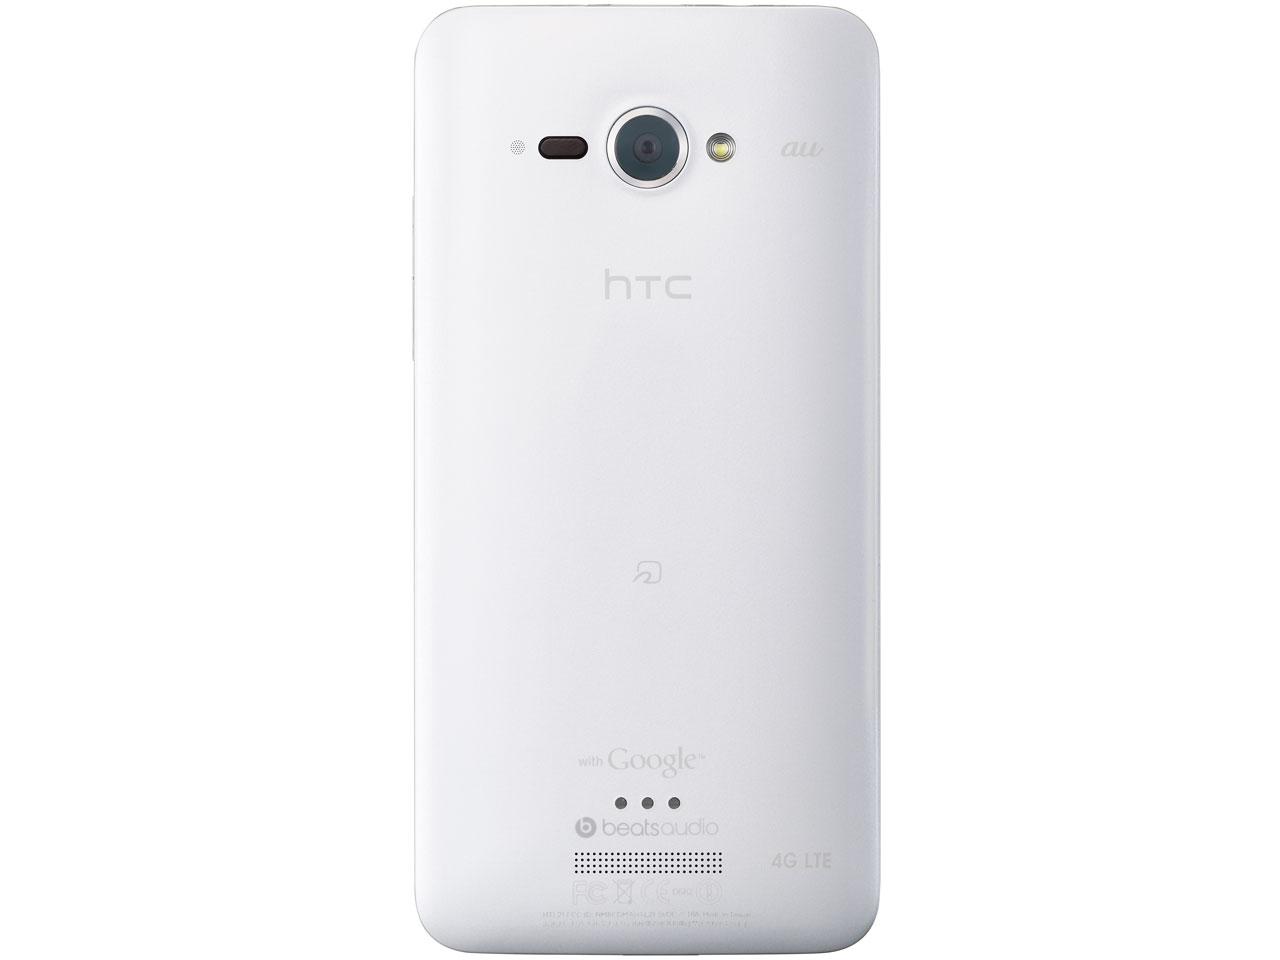 『本体 背面』 HTC J butterfly HTL21 au [ホワイト] の製品画像